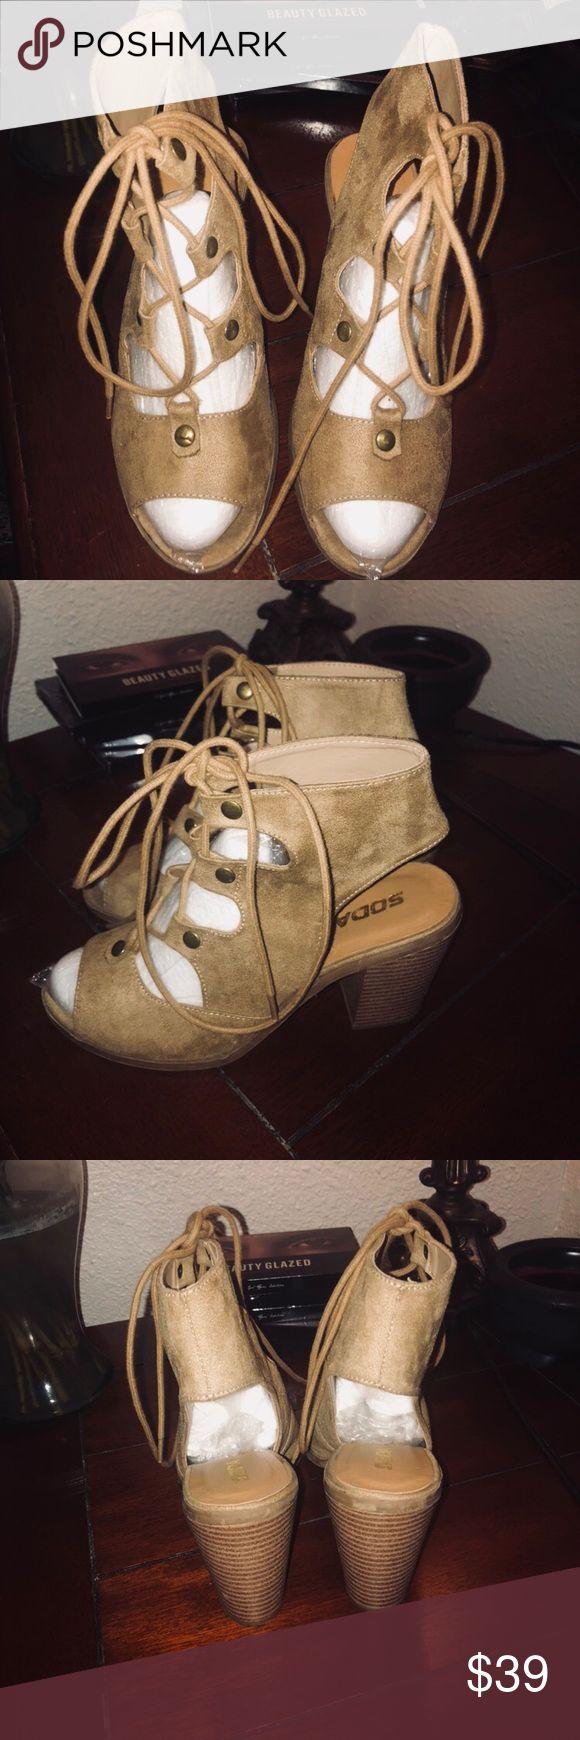 Soda Women's Peep Toe Lace Up Heel Soda Women's Tan Lace Up Ankle Booties , Tan Lace Up Block Heel Ankle Booties - Size 8.5 Open toe & heel.Great Condition Soda Shoes Ankle Boots & Booties